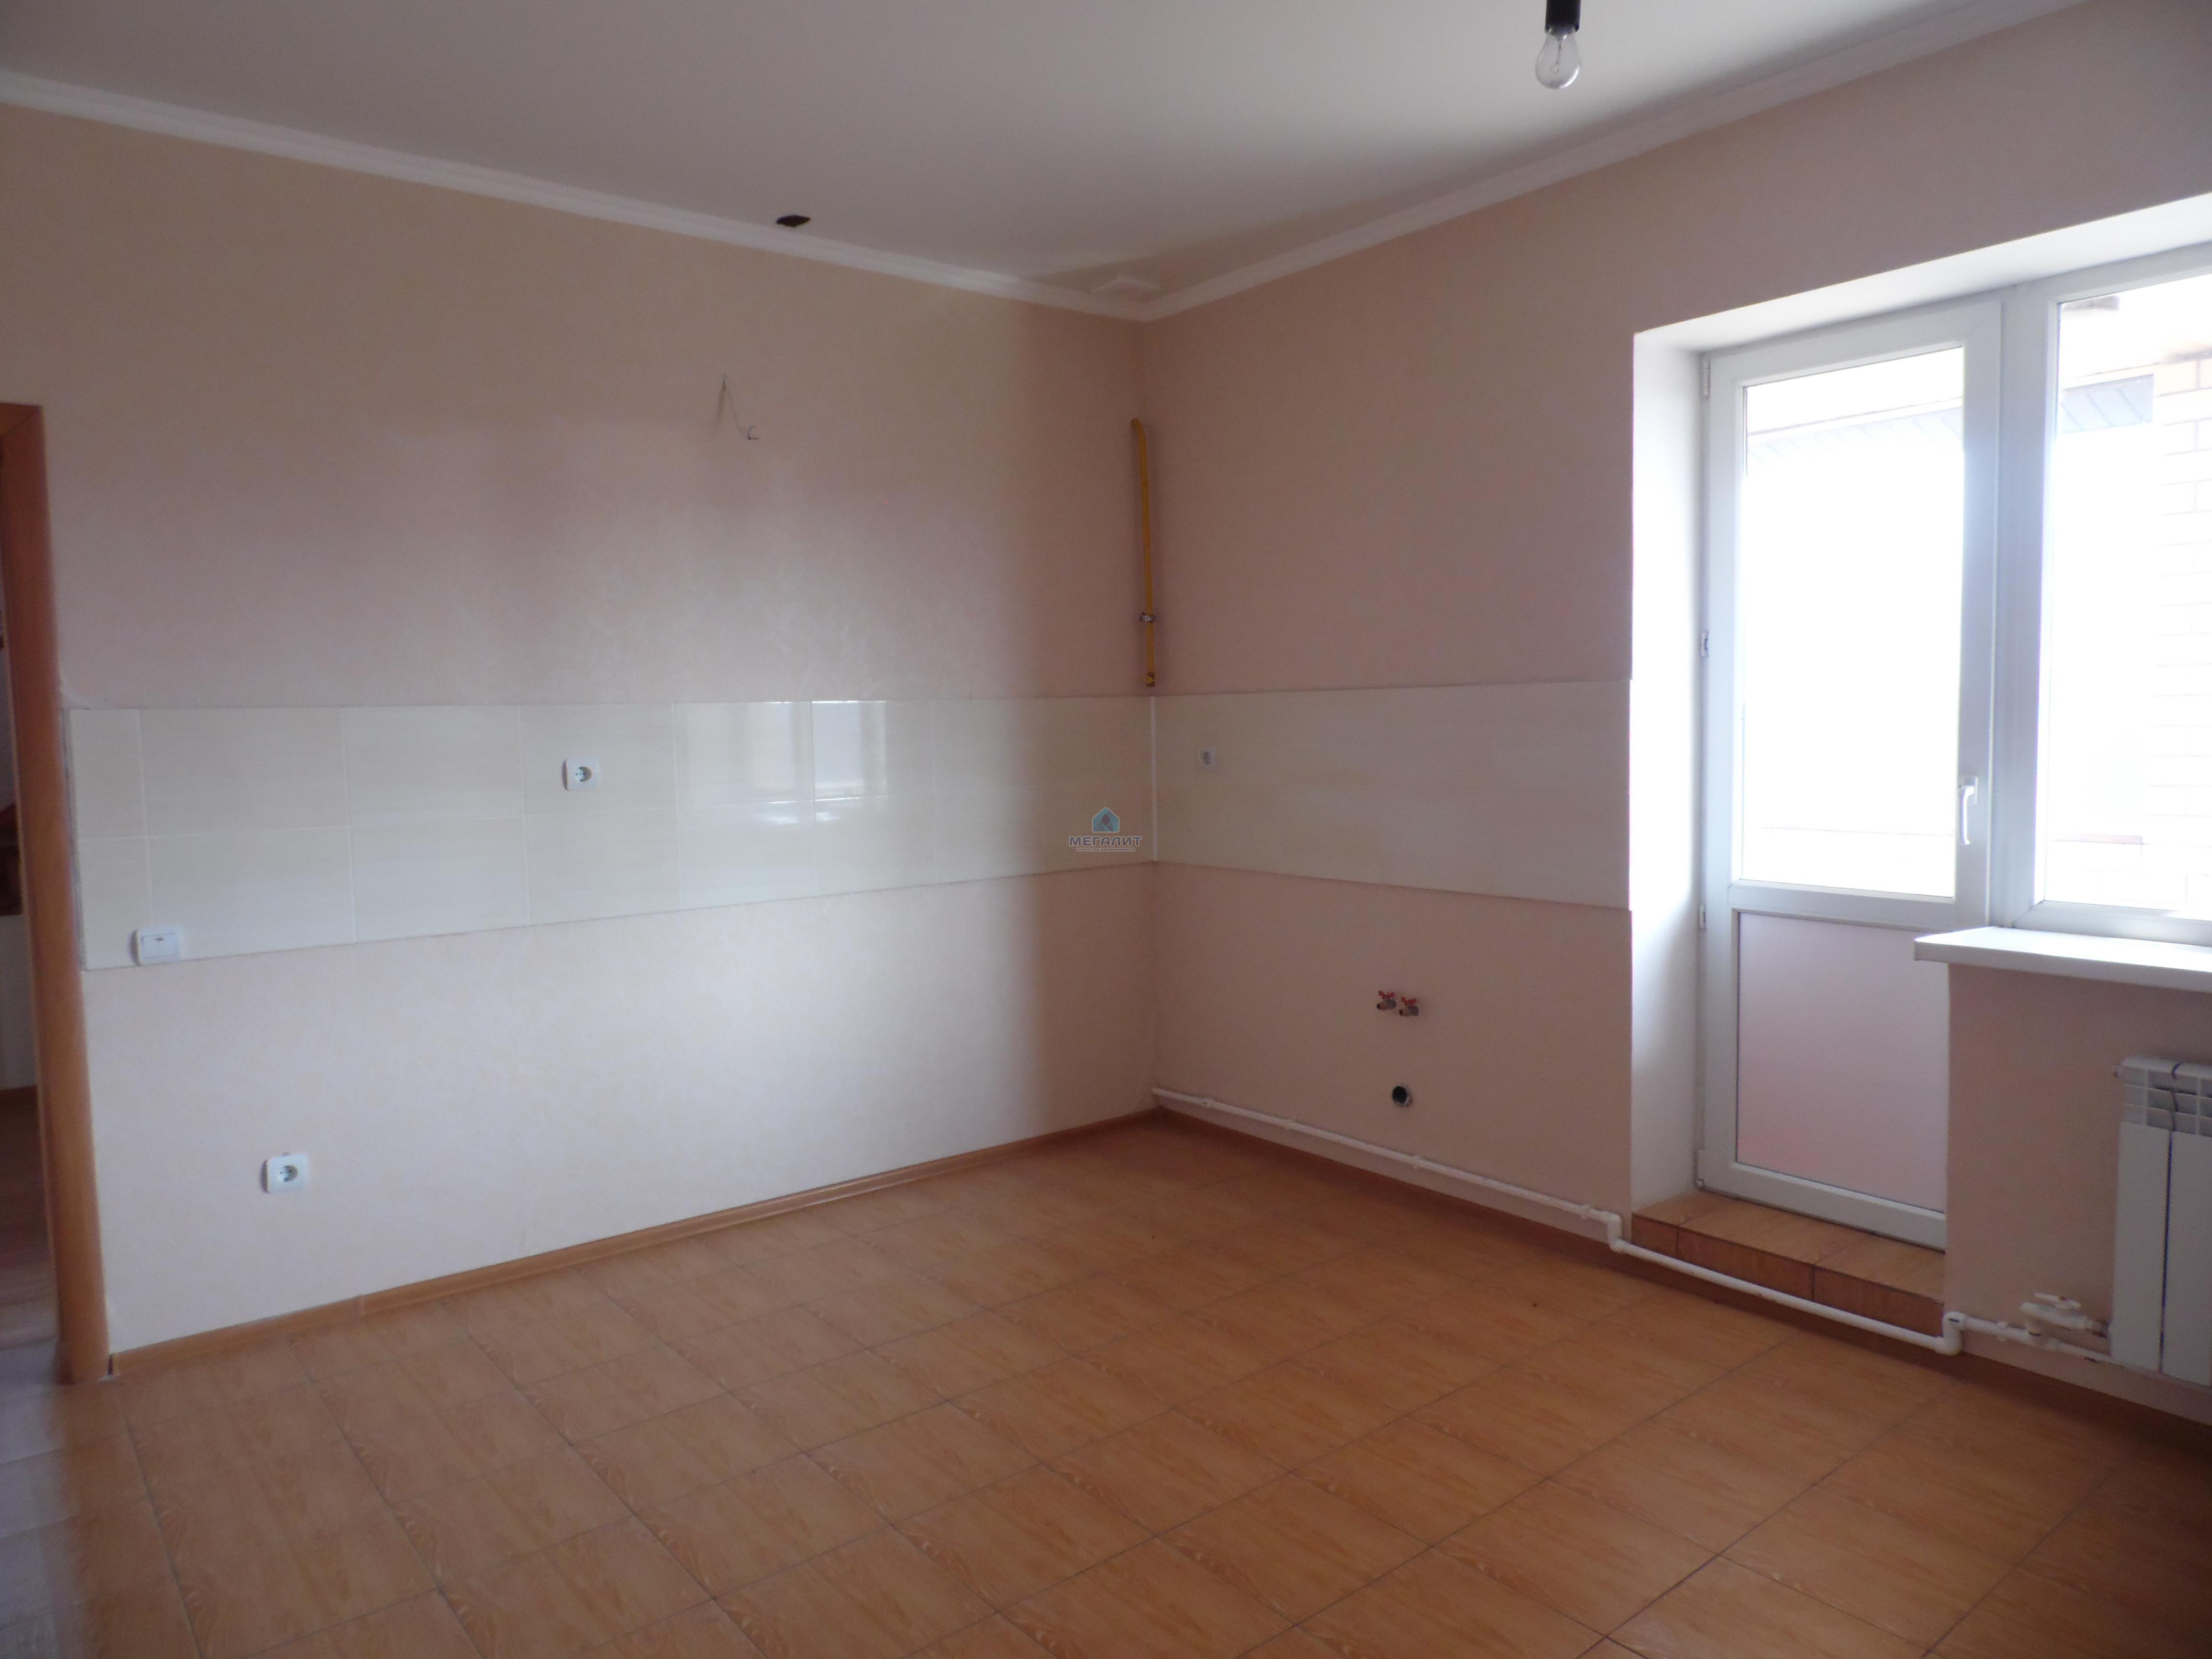 Продажа  дома Клеверная 1-ая  1а, 0 м2  (миниатюра №7)